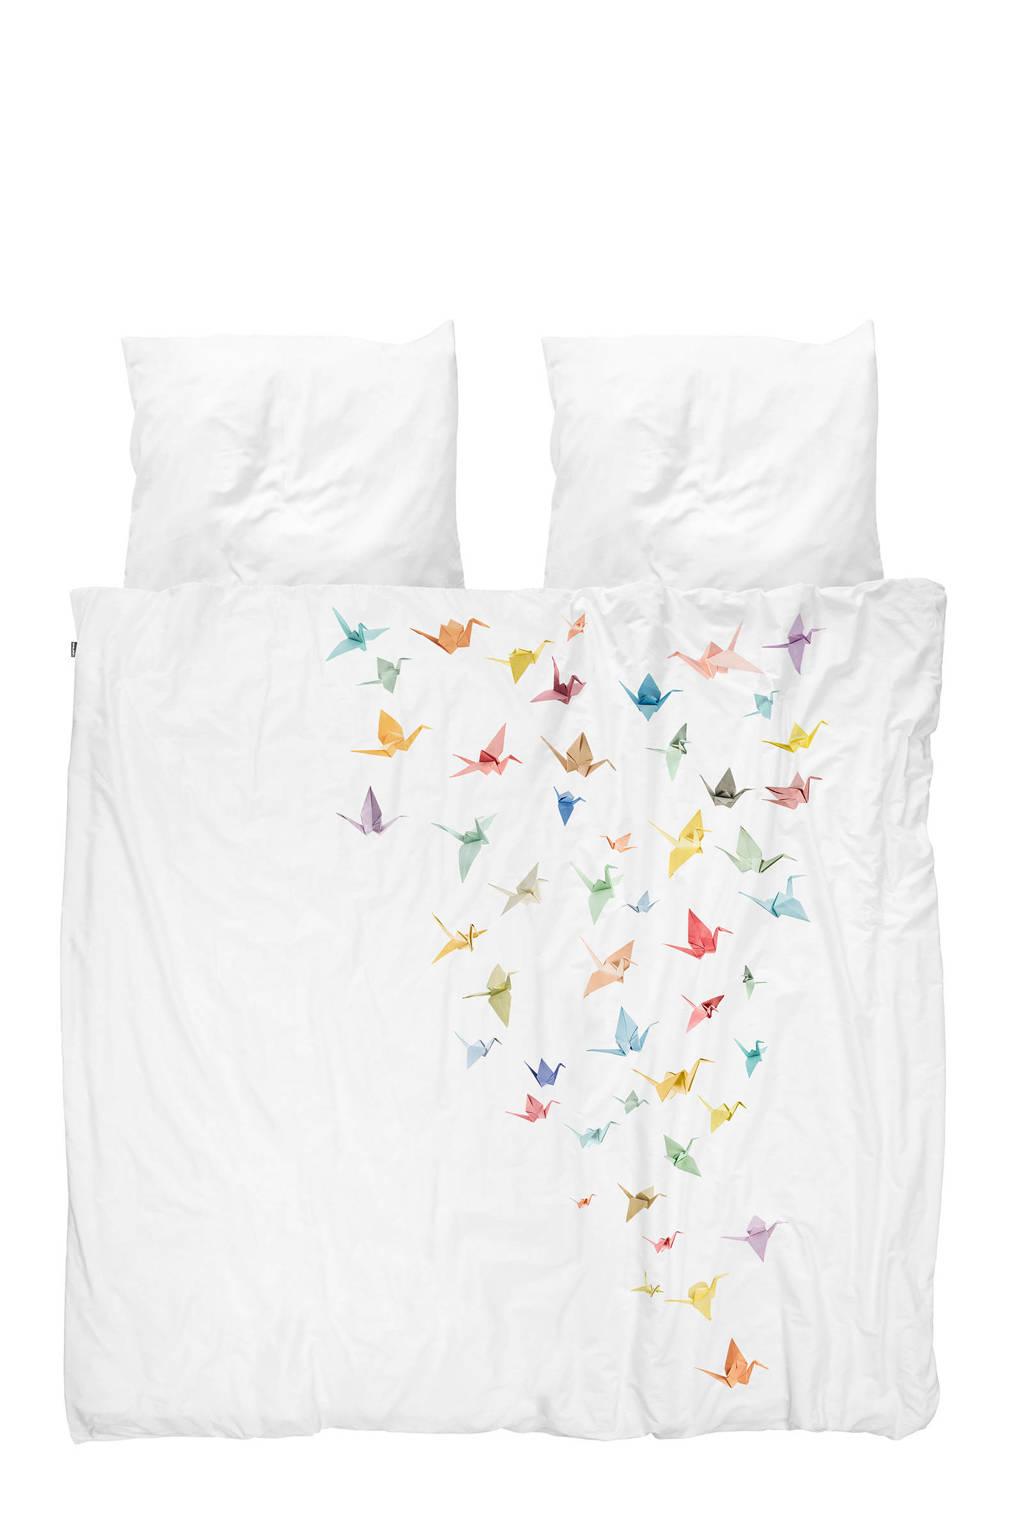 Snurk katoenen dekbedovertrek lits jumeaux, Lits-jumeaux (240 cm breed)